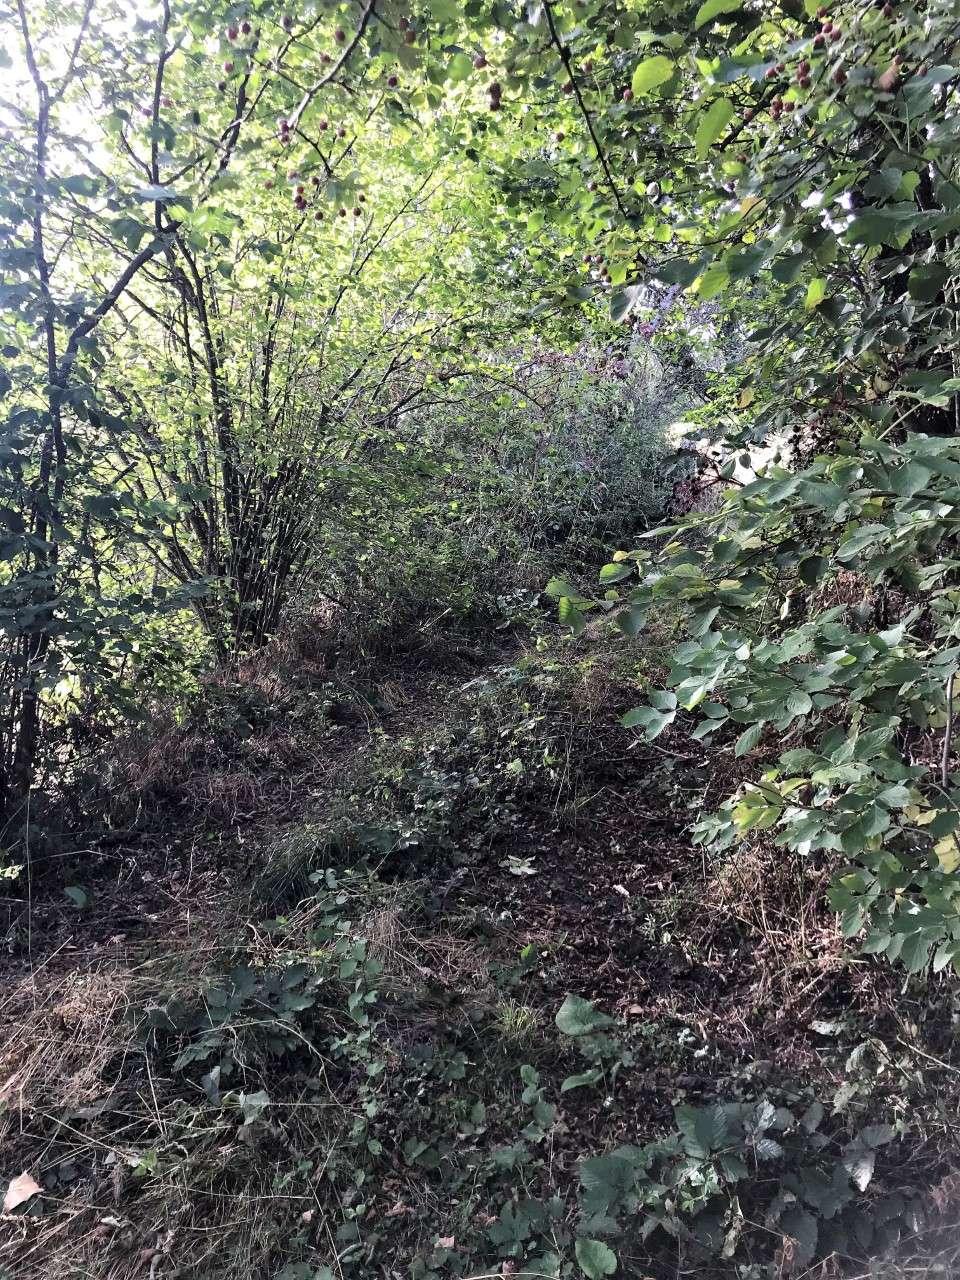 Enquête publique unique relative à l'aliénation des trois chemins ruraux: chemin de la Buriche, Chemin traversant la propriété de Mr et Mme Th